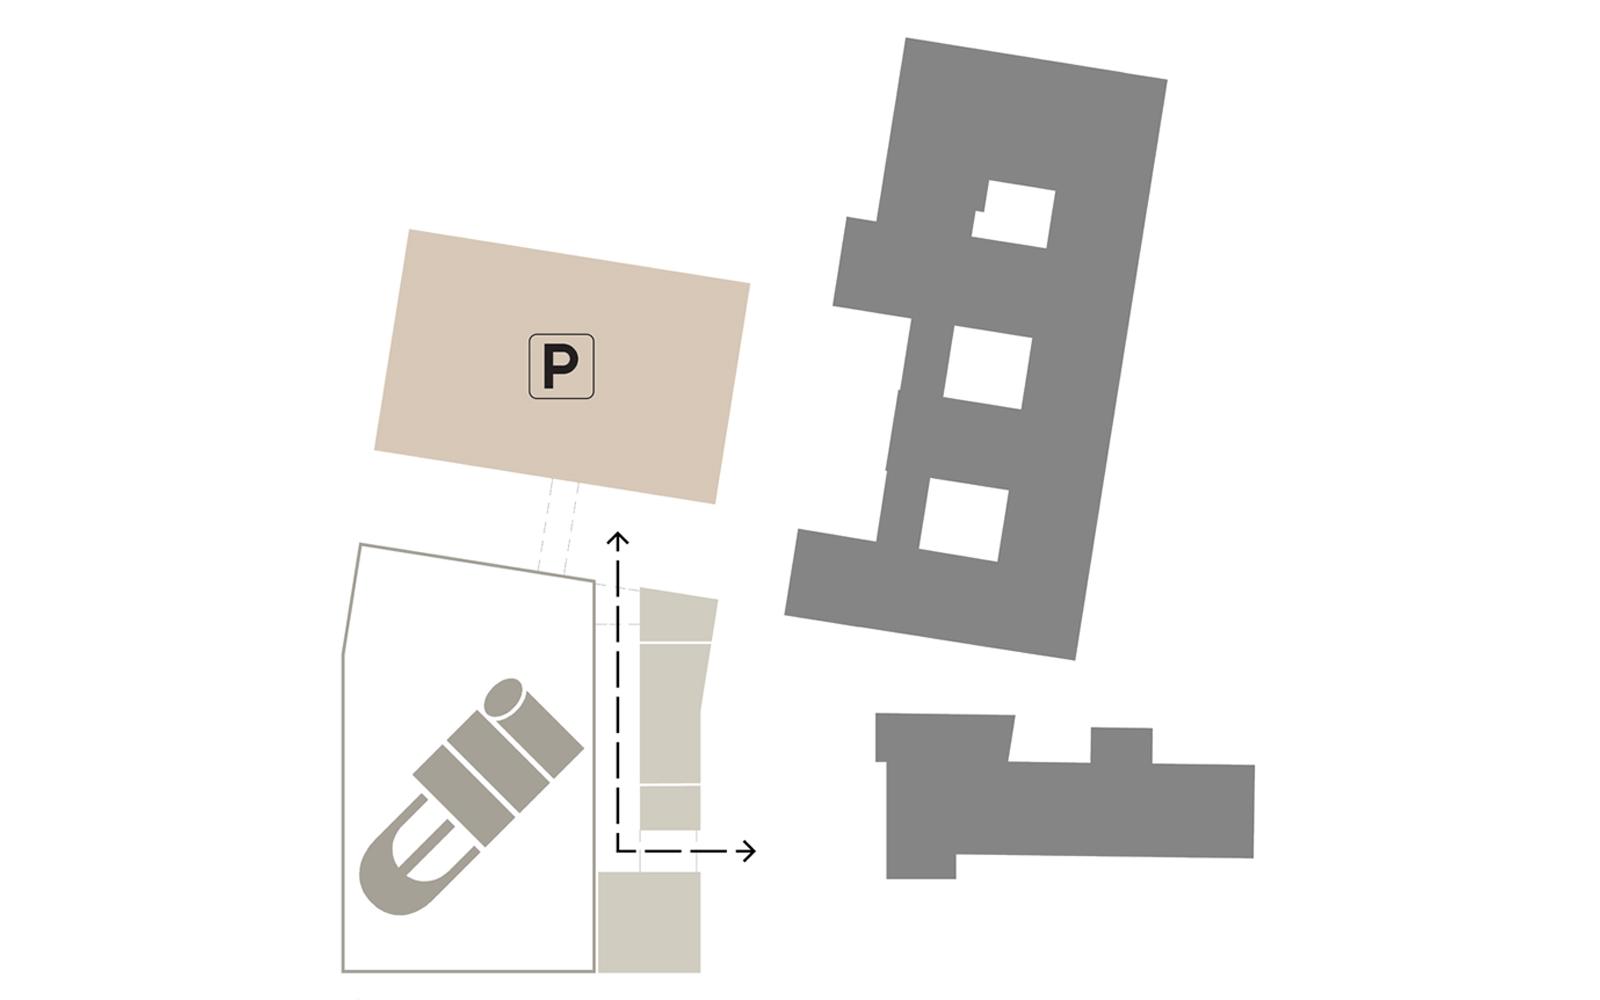 WBW_Suerenheide_SteinwegClausArchitekten_Nahversorger_Dachgarten_Mehrfamilienhaus_Parkdeck_00002